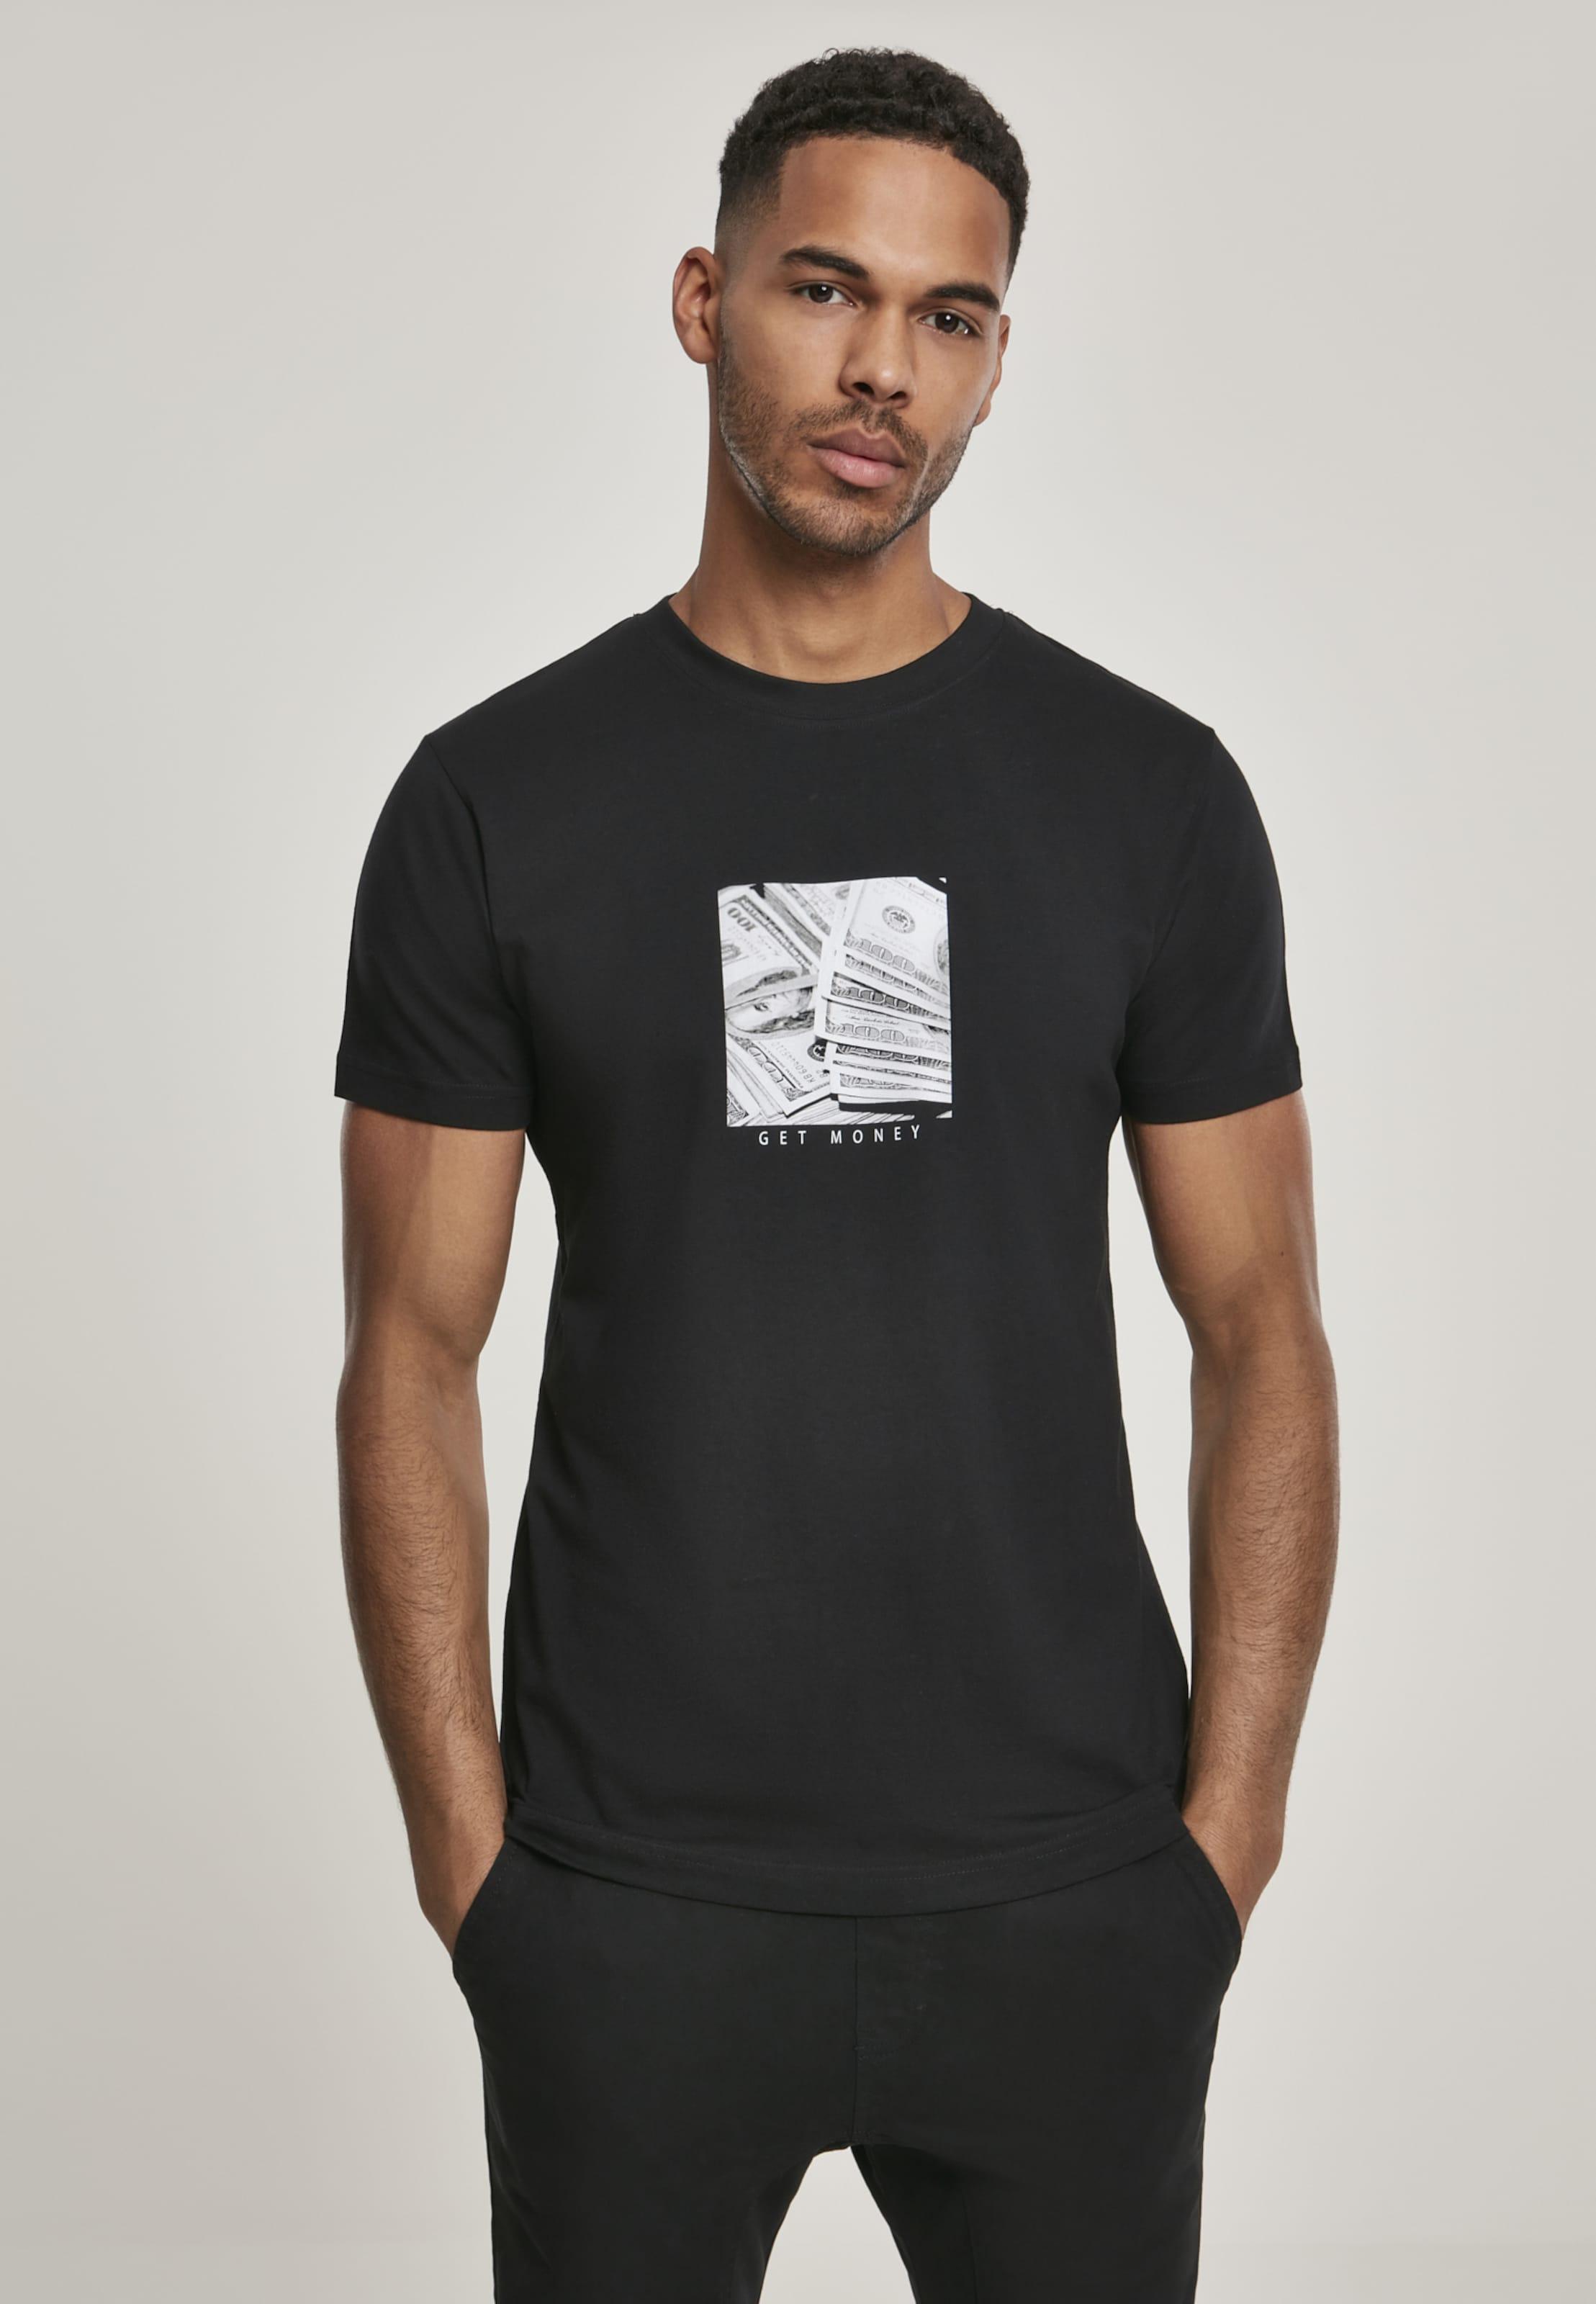 Mister Tee T-Shirt 'Get Money' in schwarz / weiß Jersey MT973-00007-0042